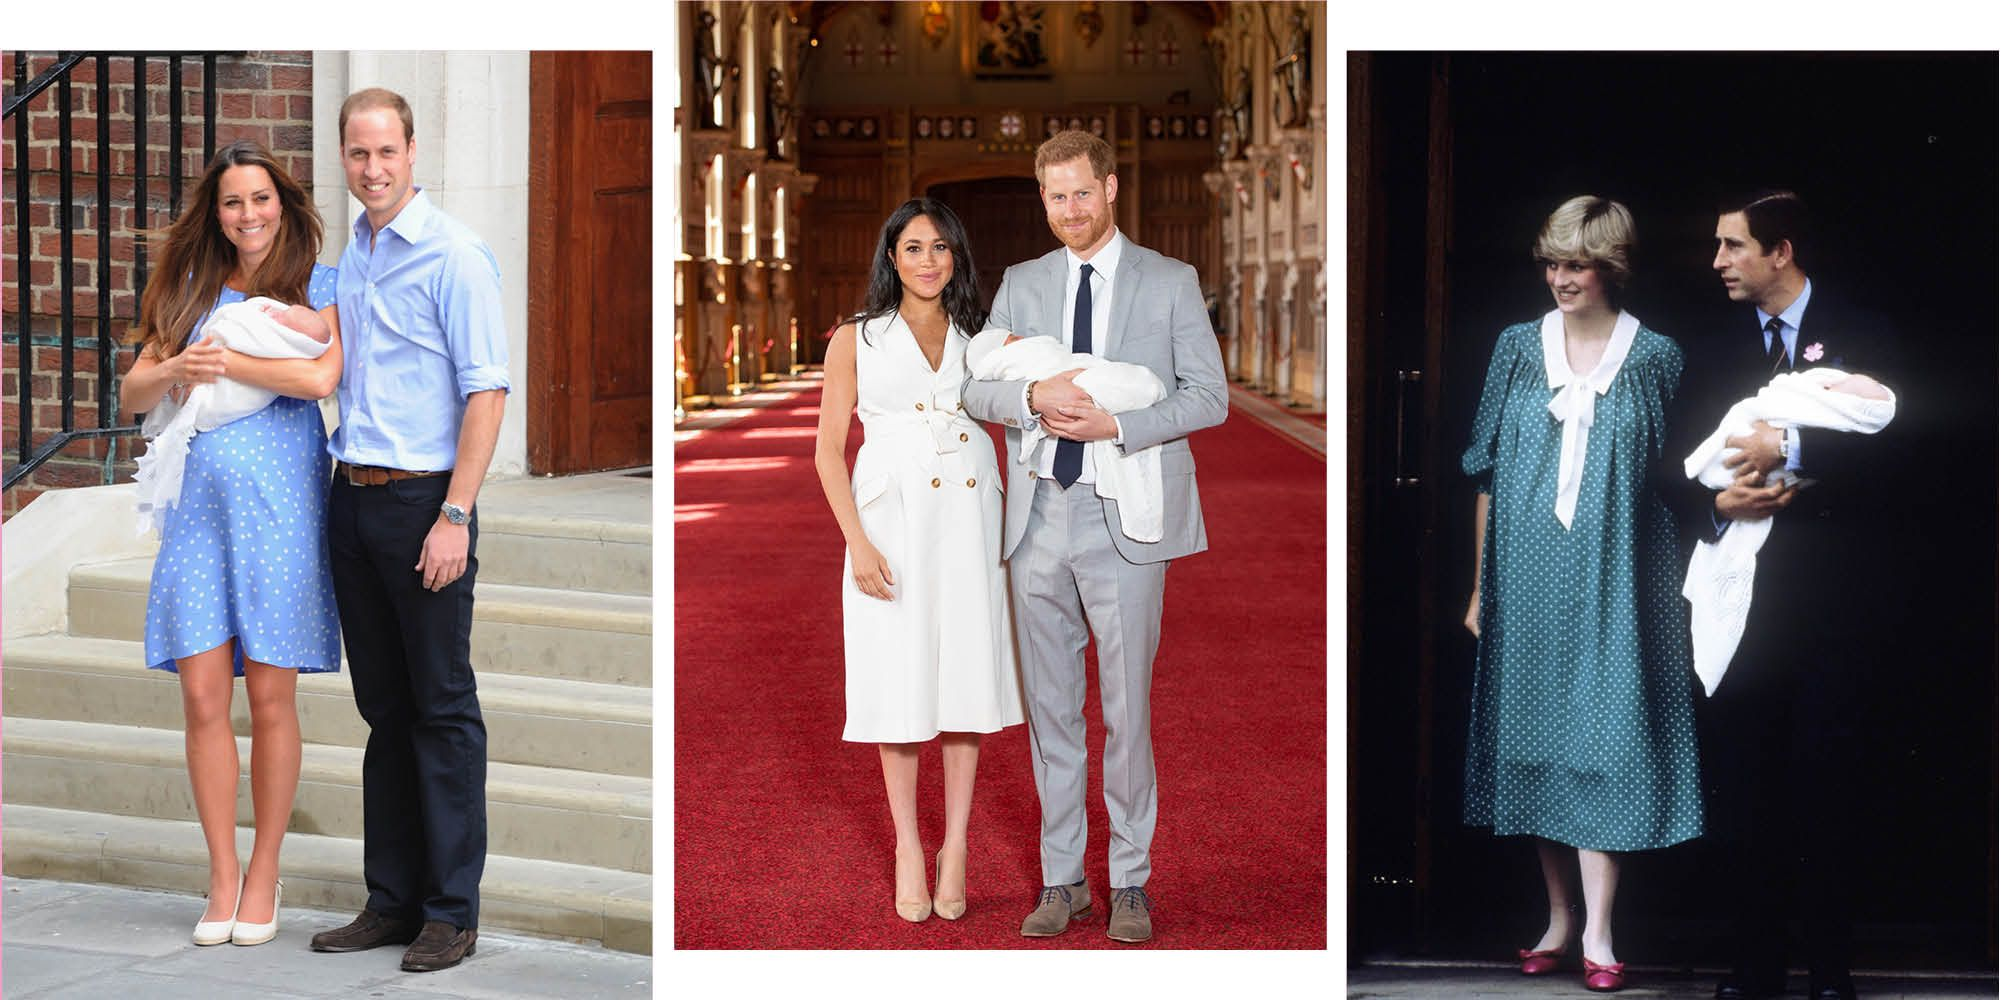 ウィリアム王子&キャサリン妃、ヘンリー王子&メーガン妃、チャールズ皇太子&ダイアナ妃